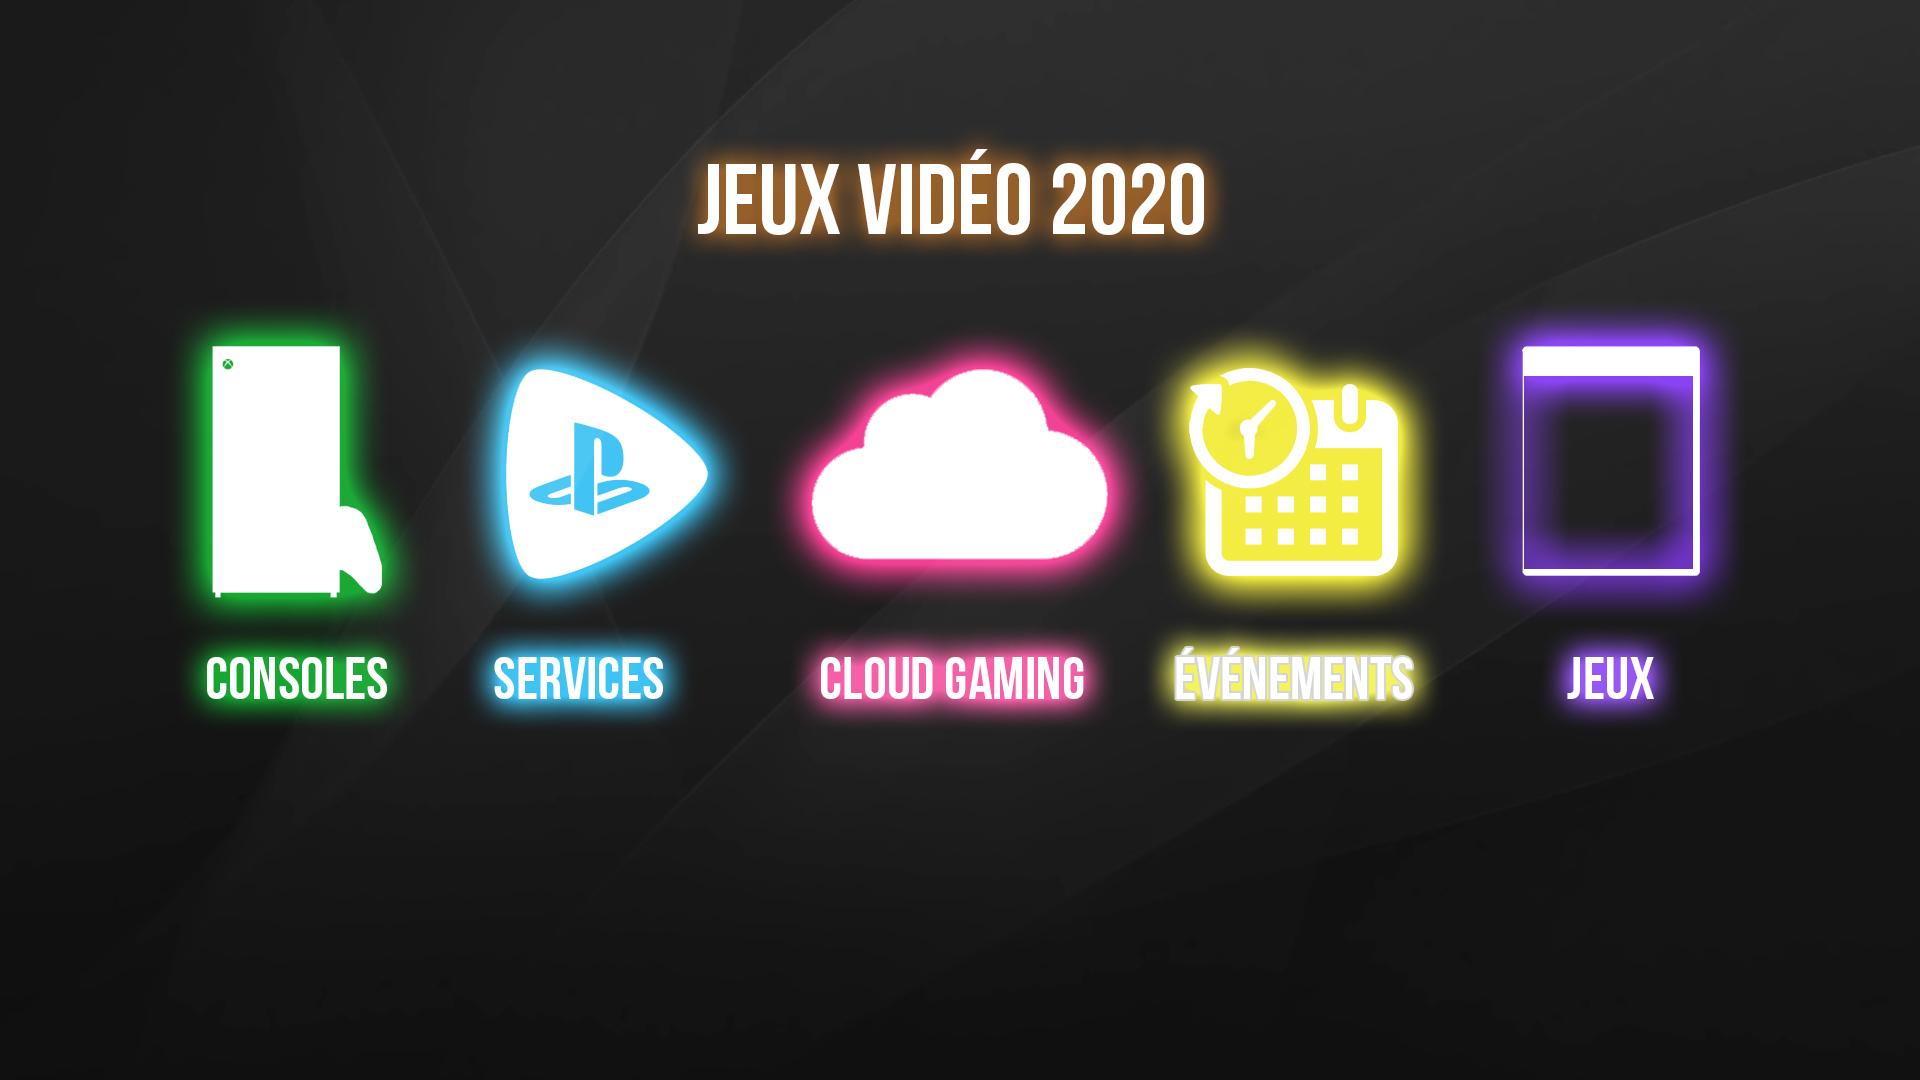 Https Www Presse Citron Net App Uploads 2020 01 Jeux Video 2020 Jpg